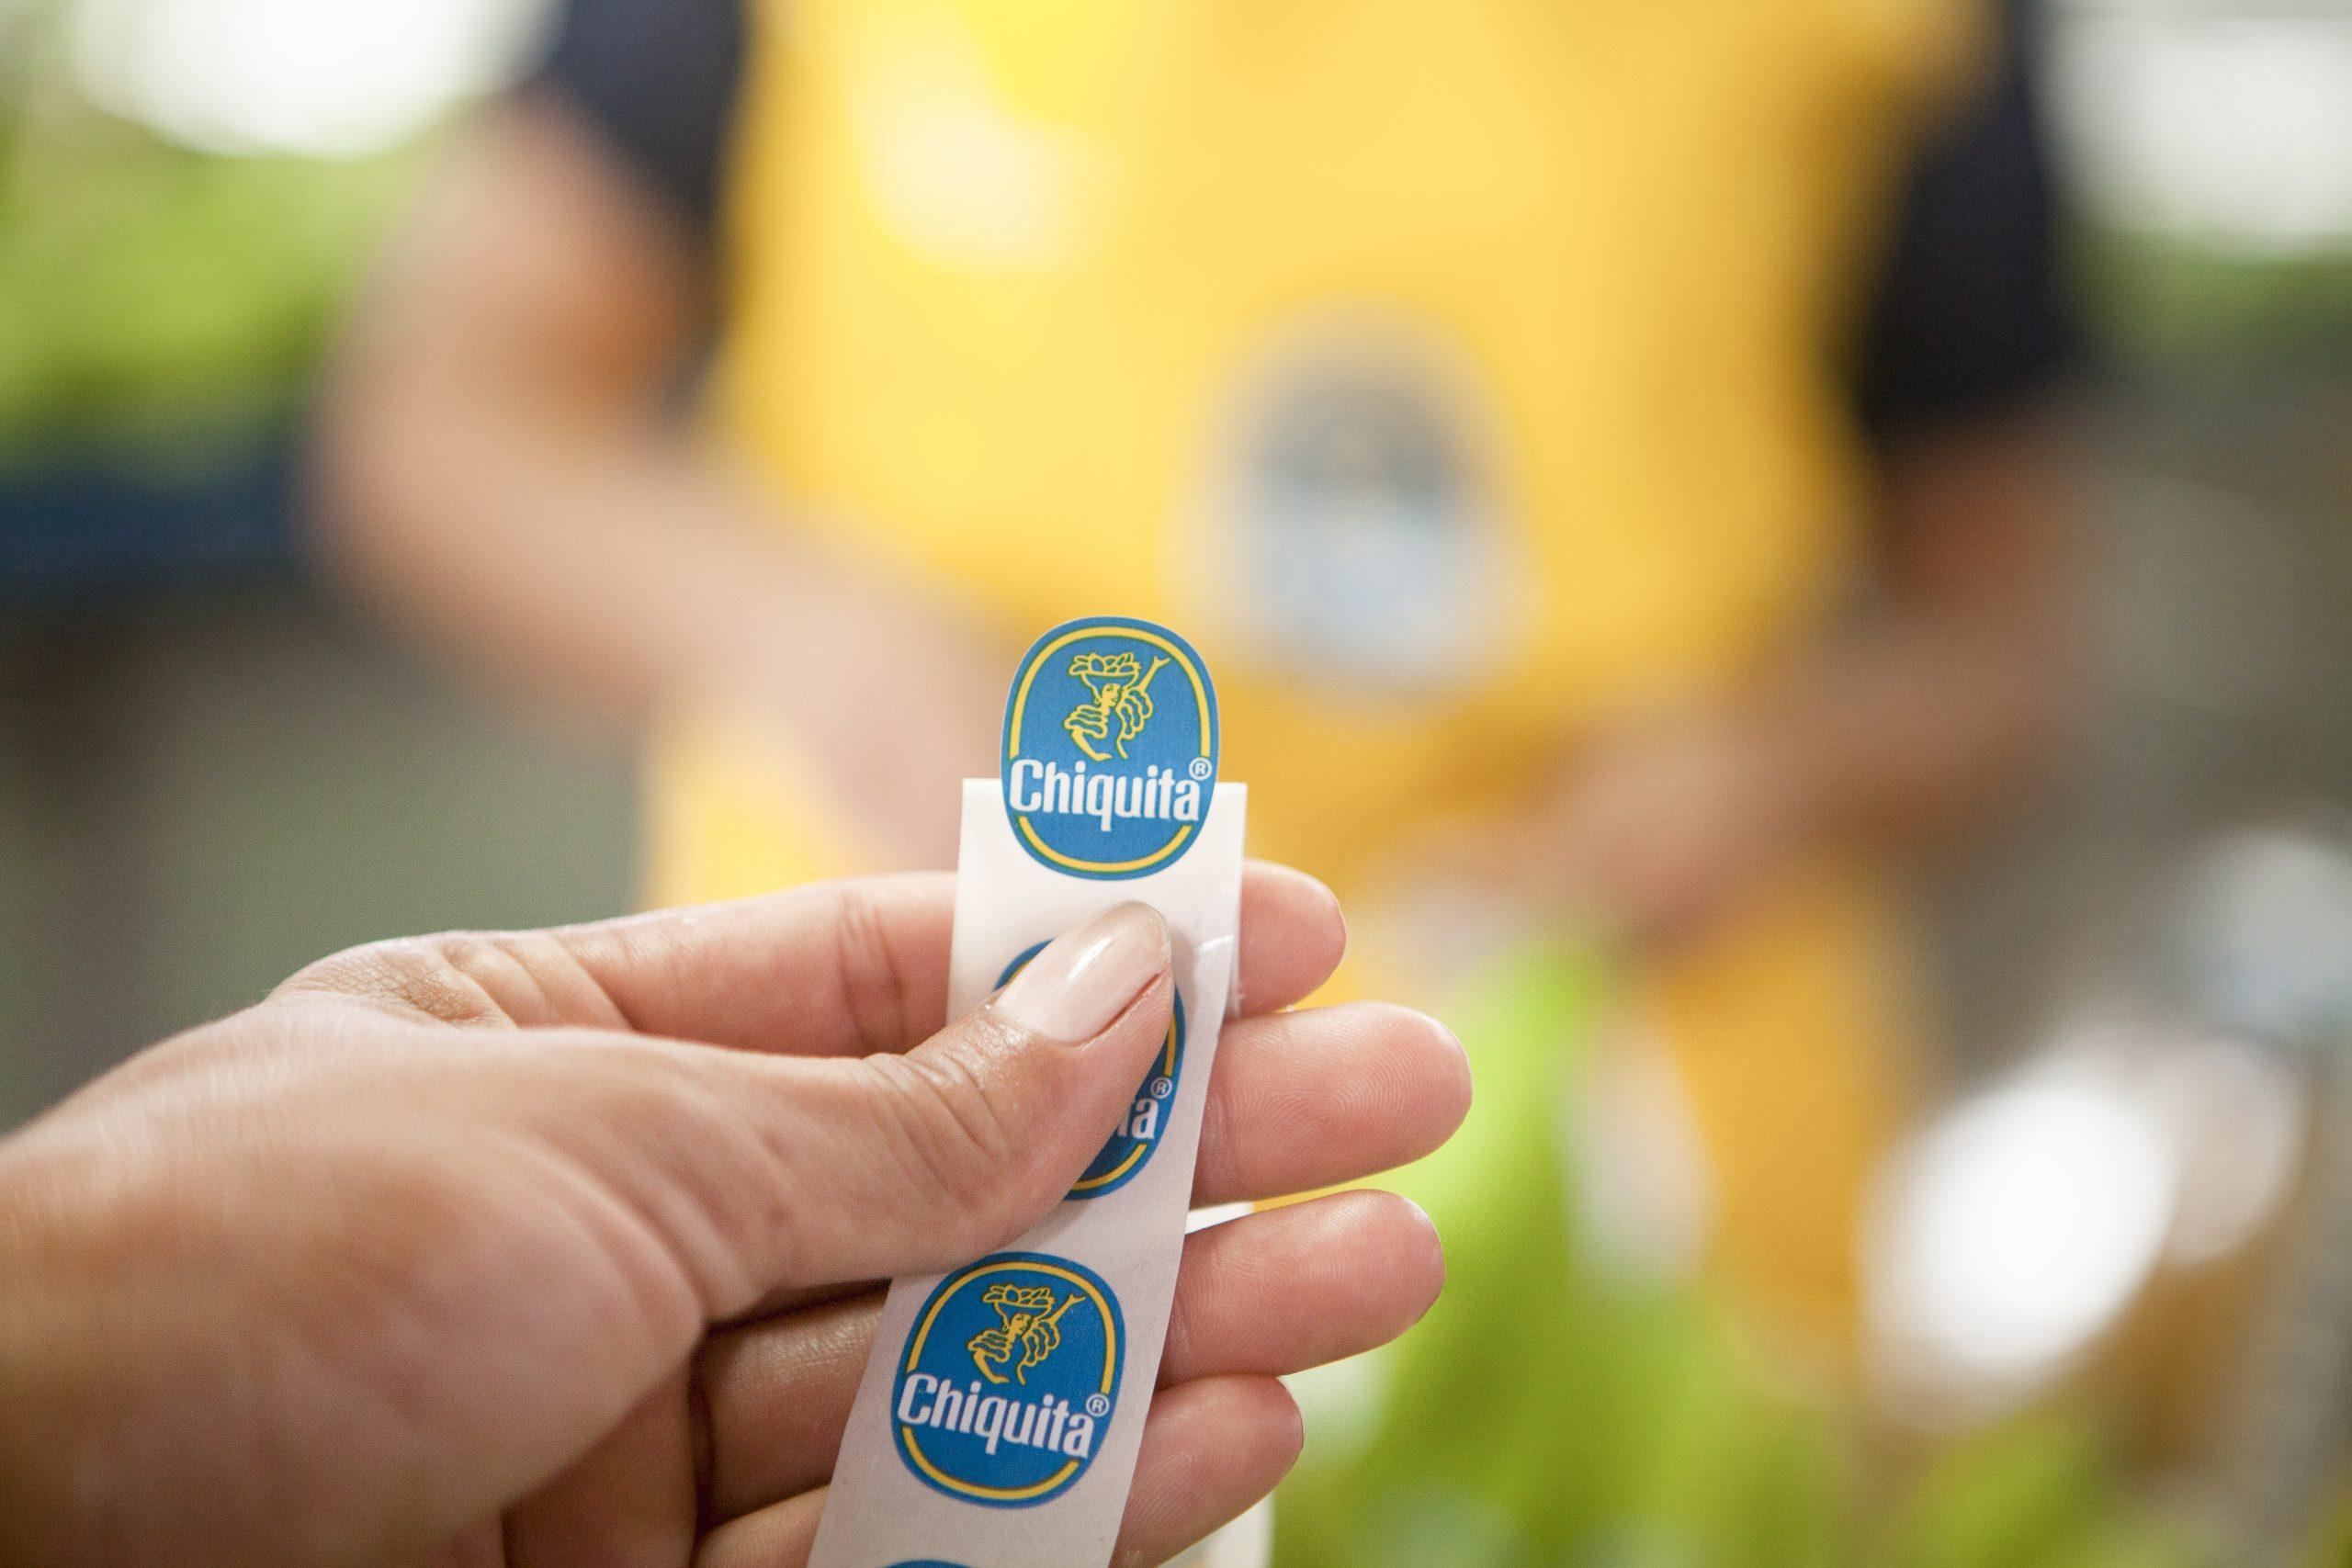 Nachhaltigkeit. Es kommt darauf an, was hinter dem blauen Sticker steckt